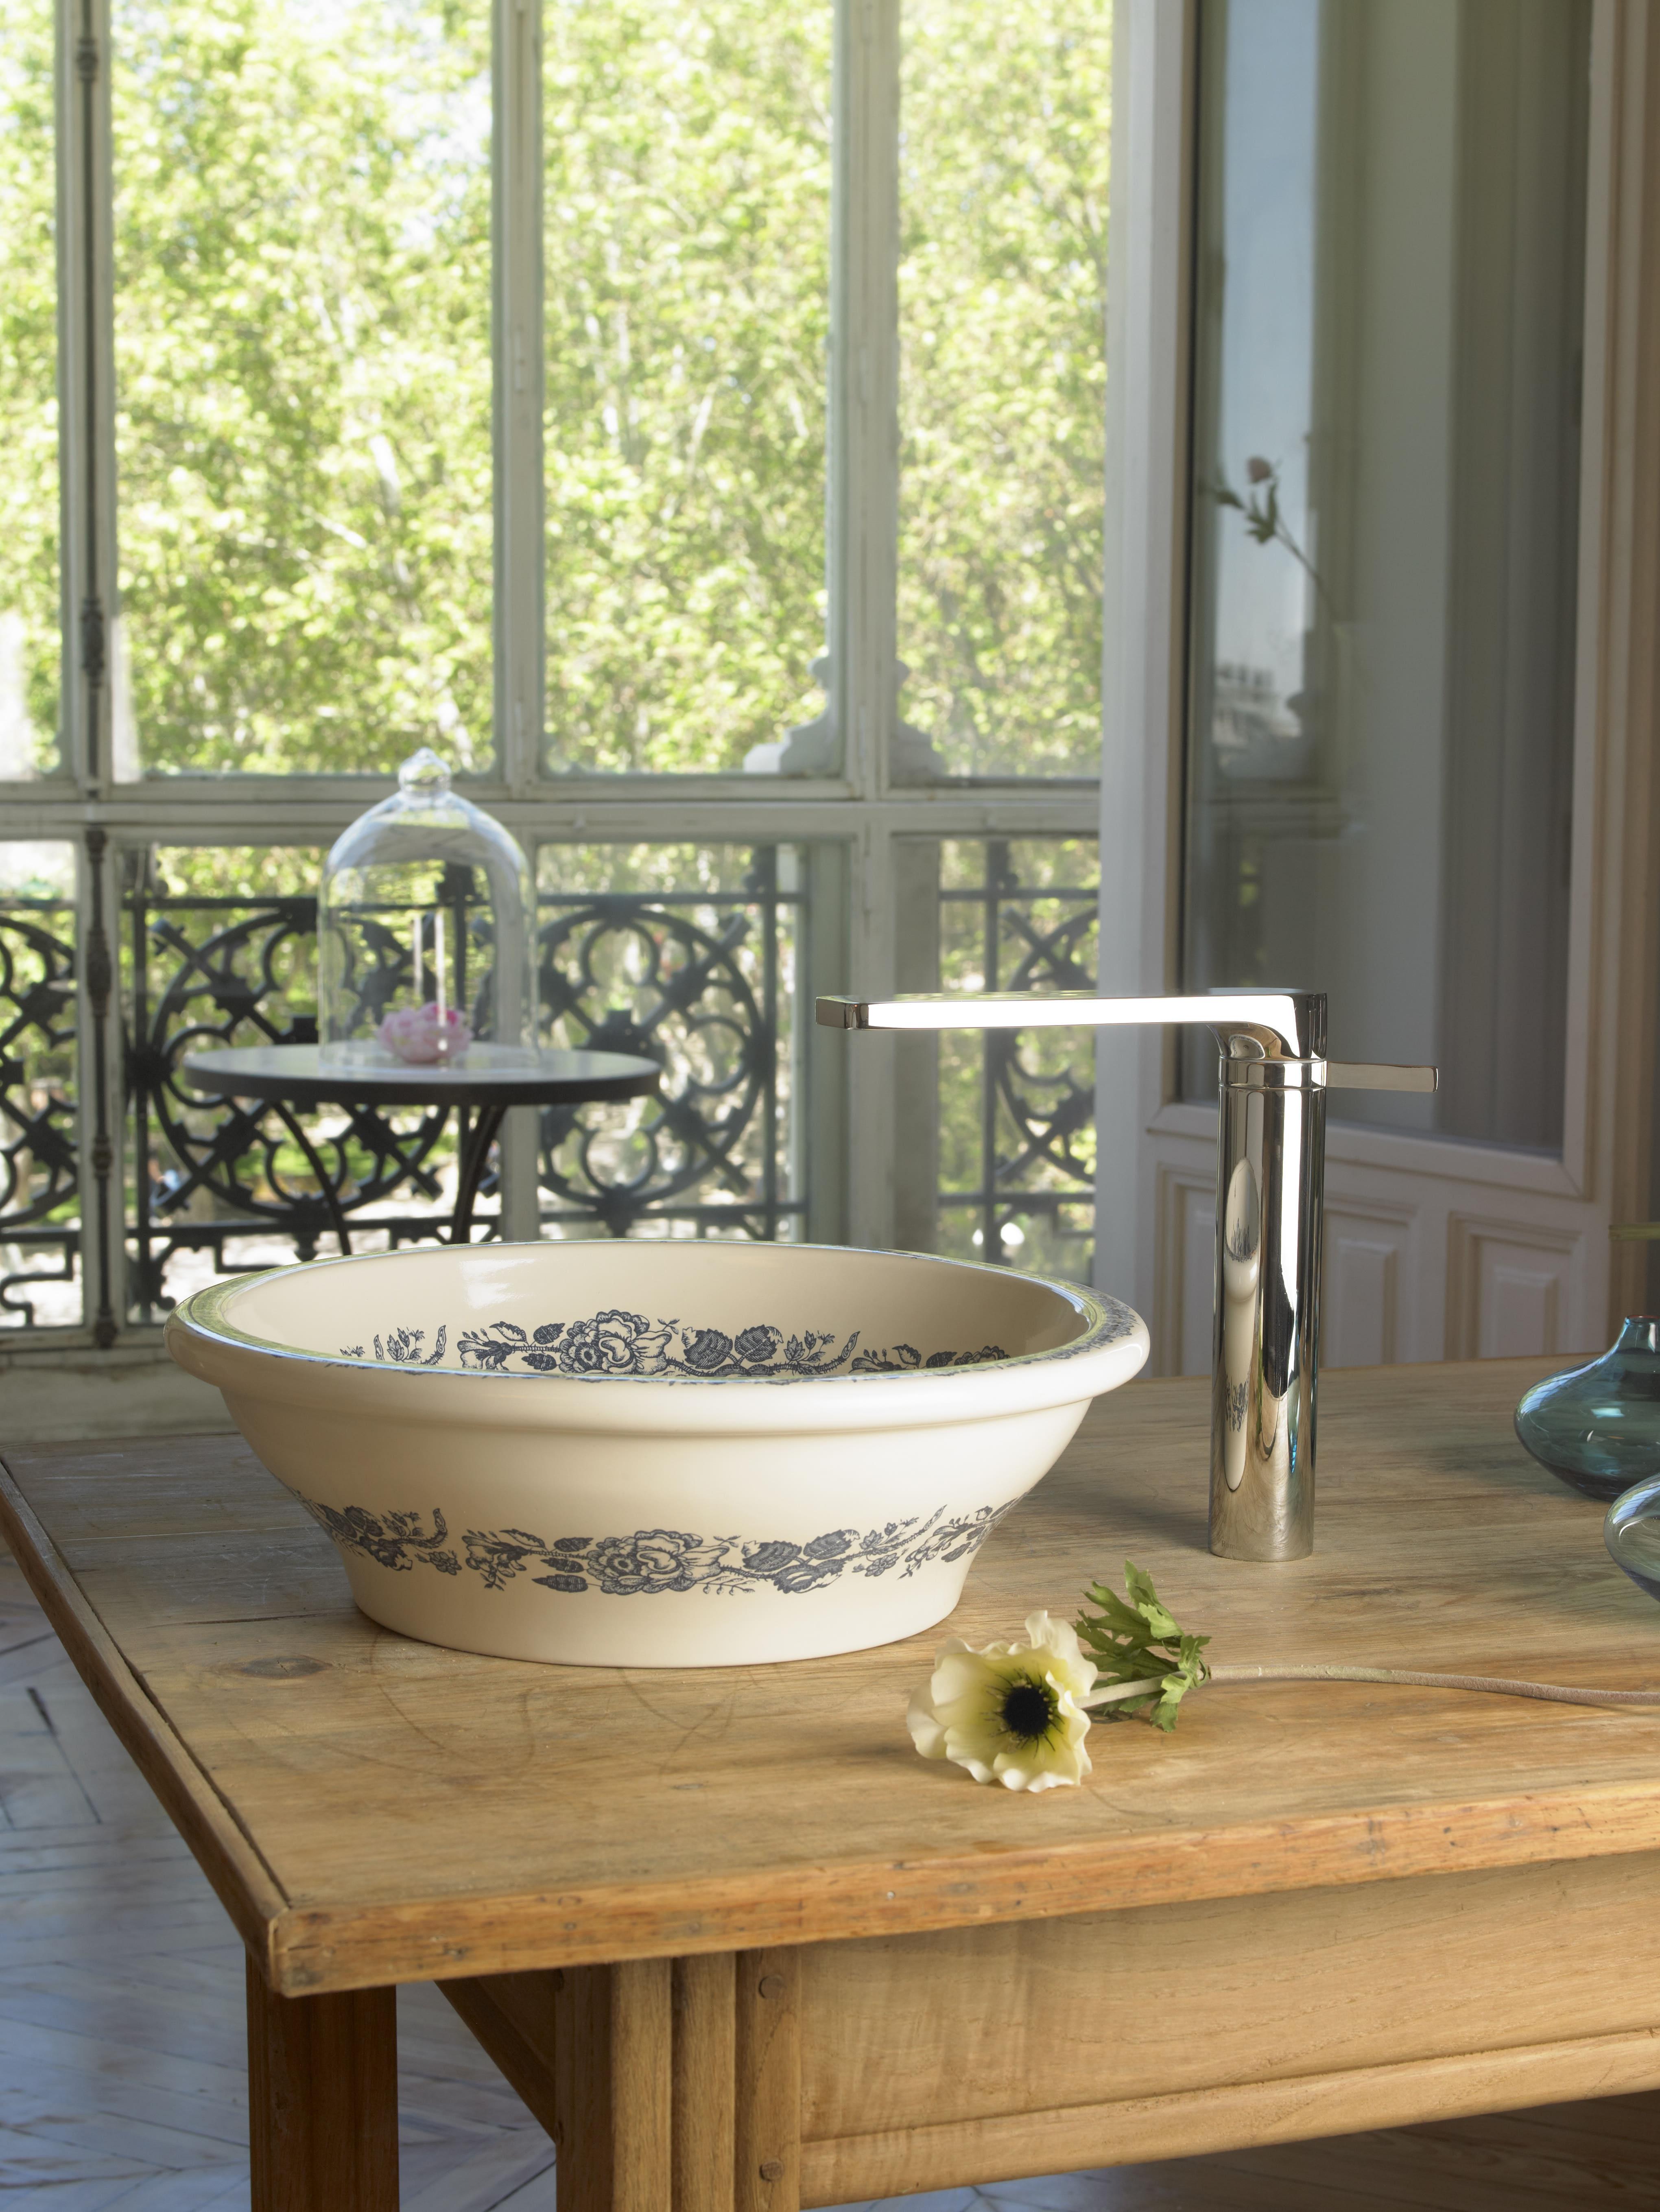 Decoración Vintage: Detalles para el baño - baños 10 ...